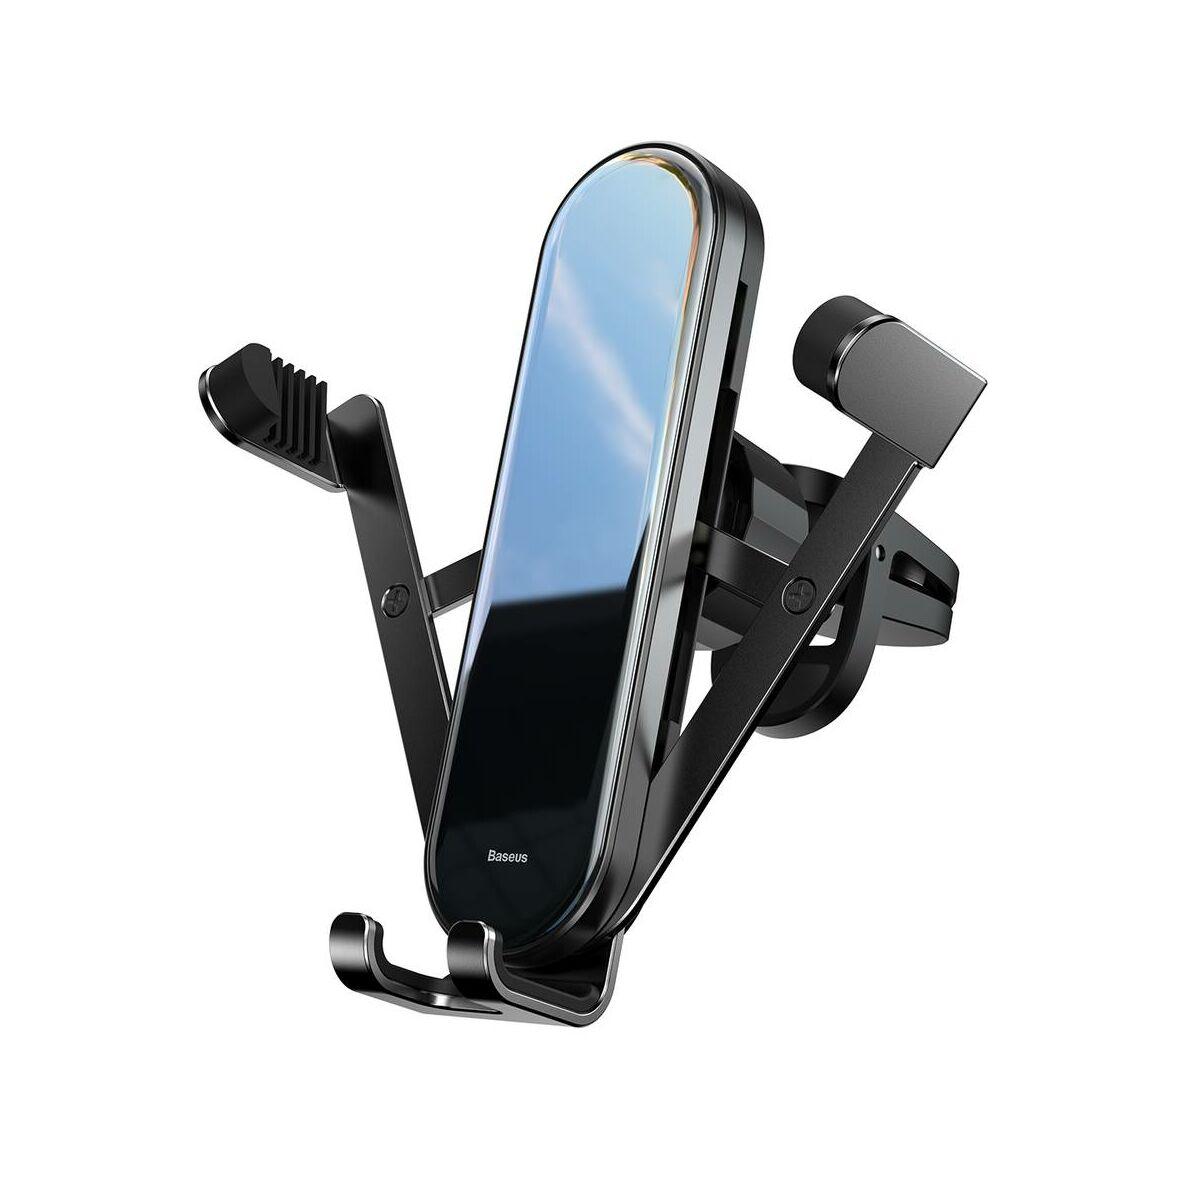 Baseus autós telefontartó, Penguin Gravity, szellőzőrácsra, fekete (SUYL-QE01)